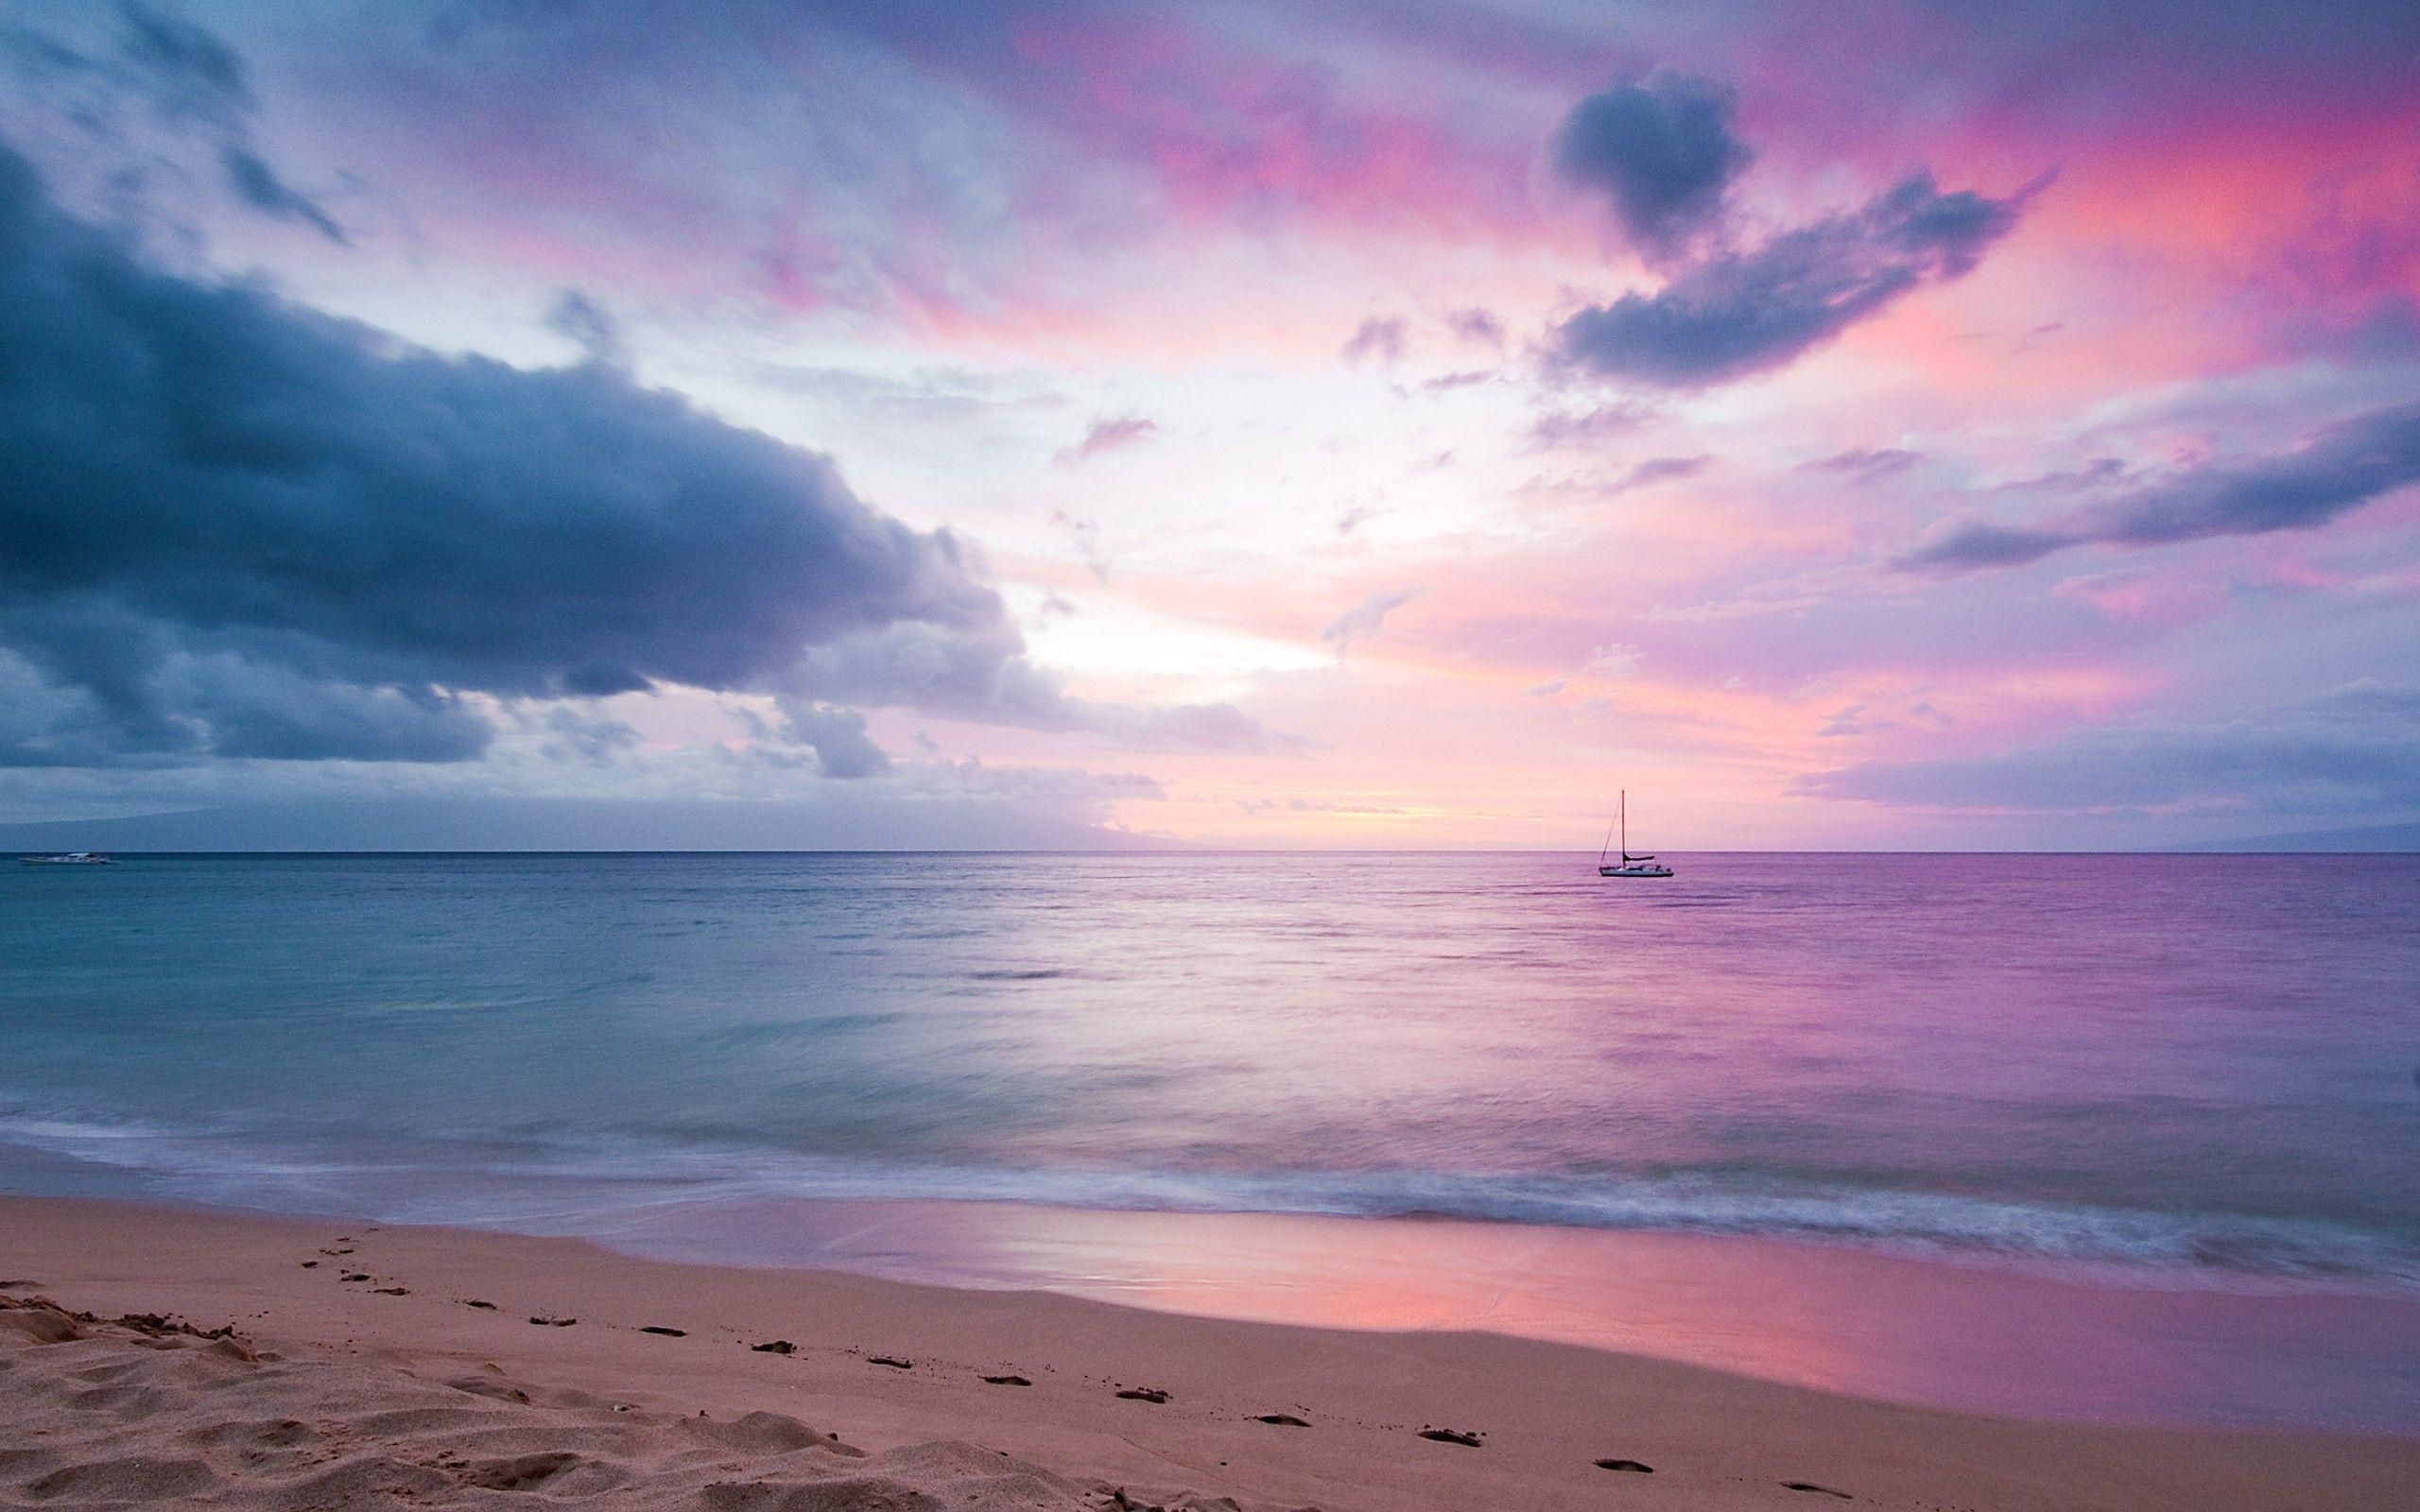 Blissful Purple Sunset Hd Wallpaper Get It Now Beach Wallpaper Beach Background Sunset Wallpaper